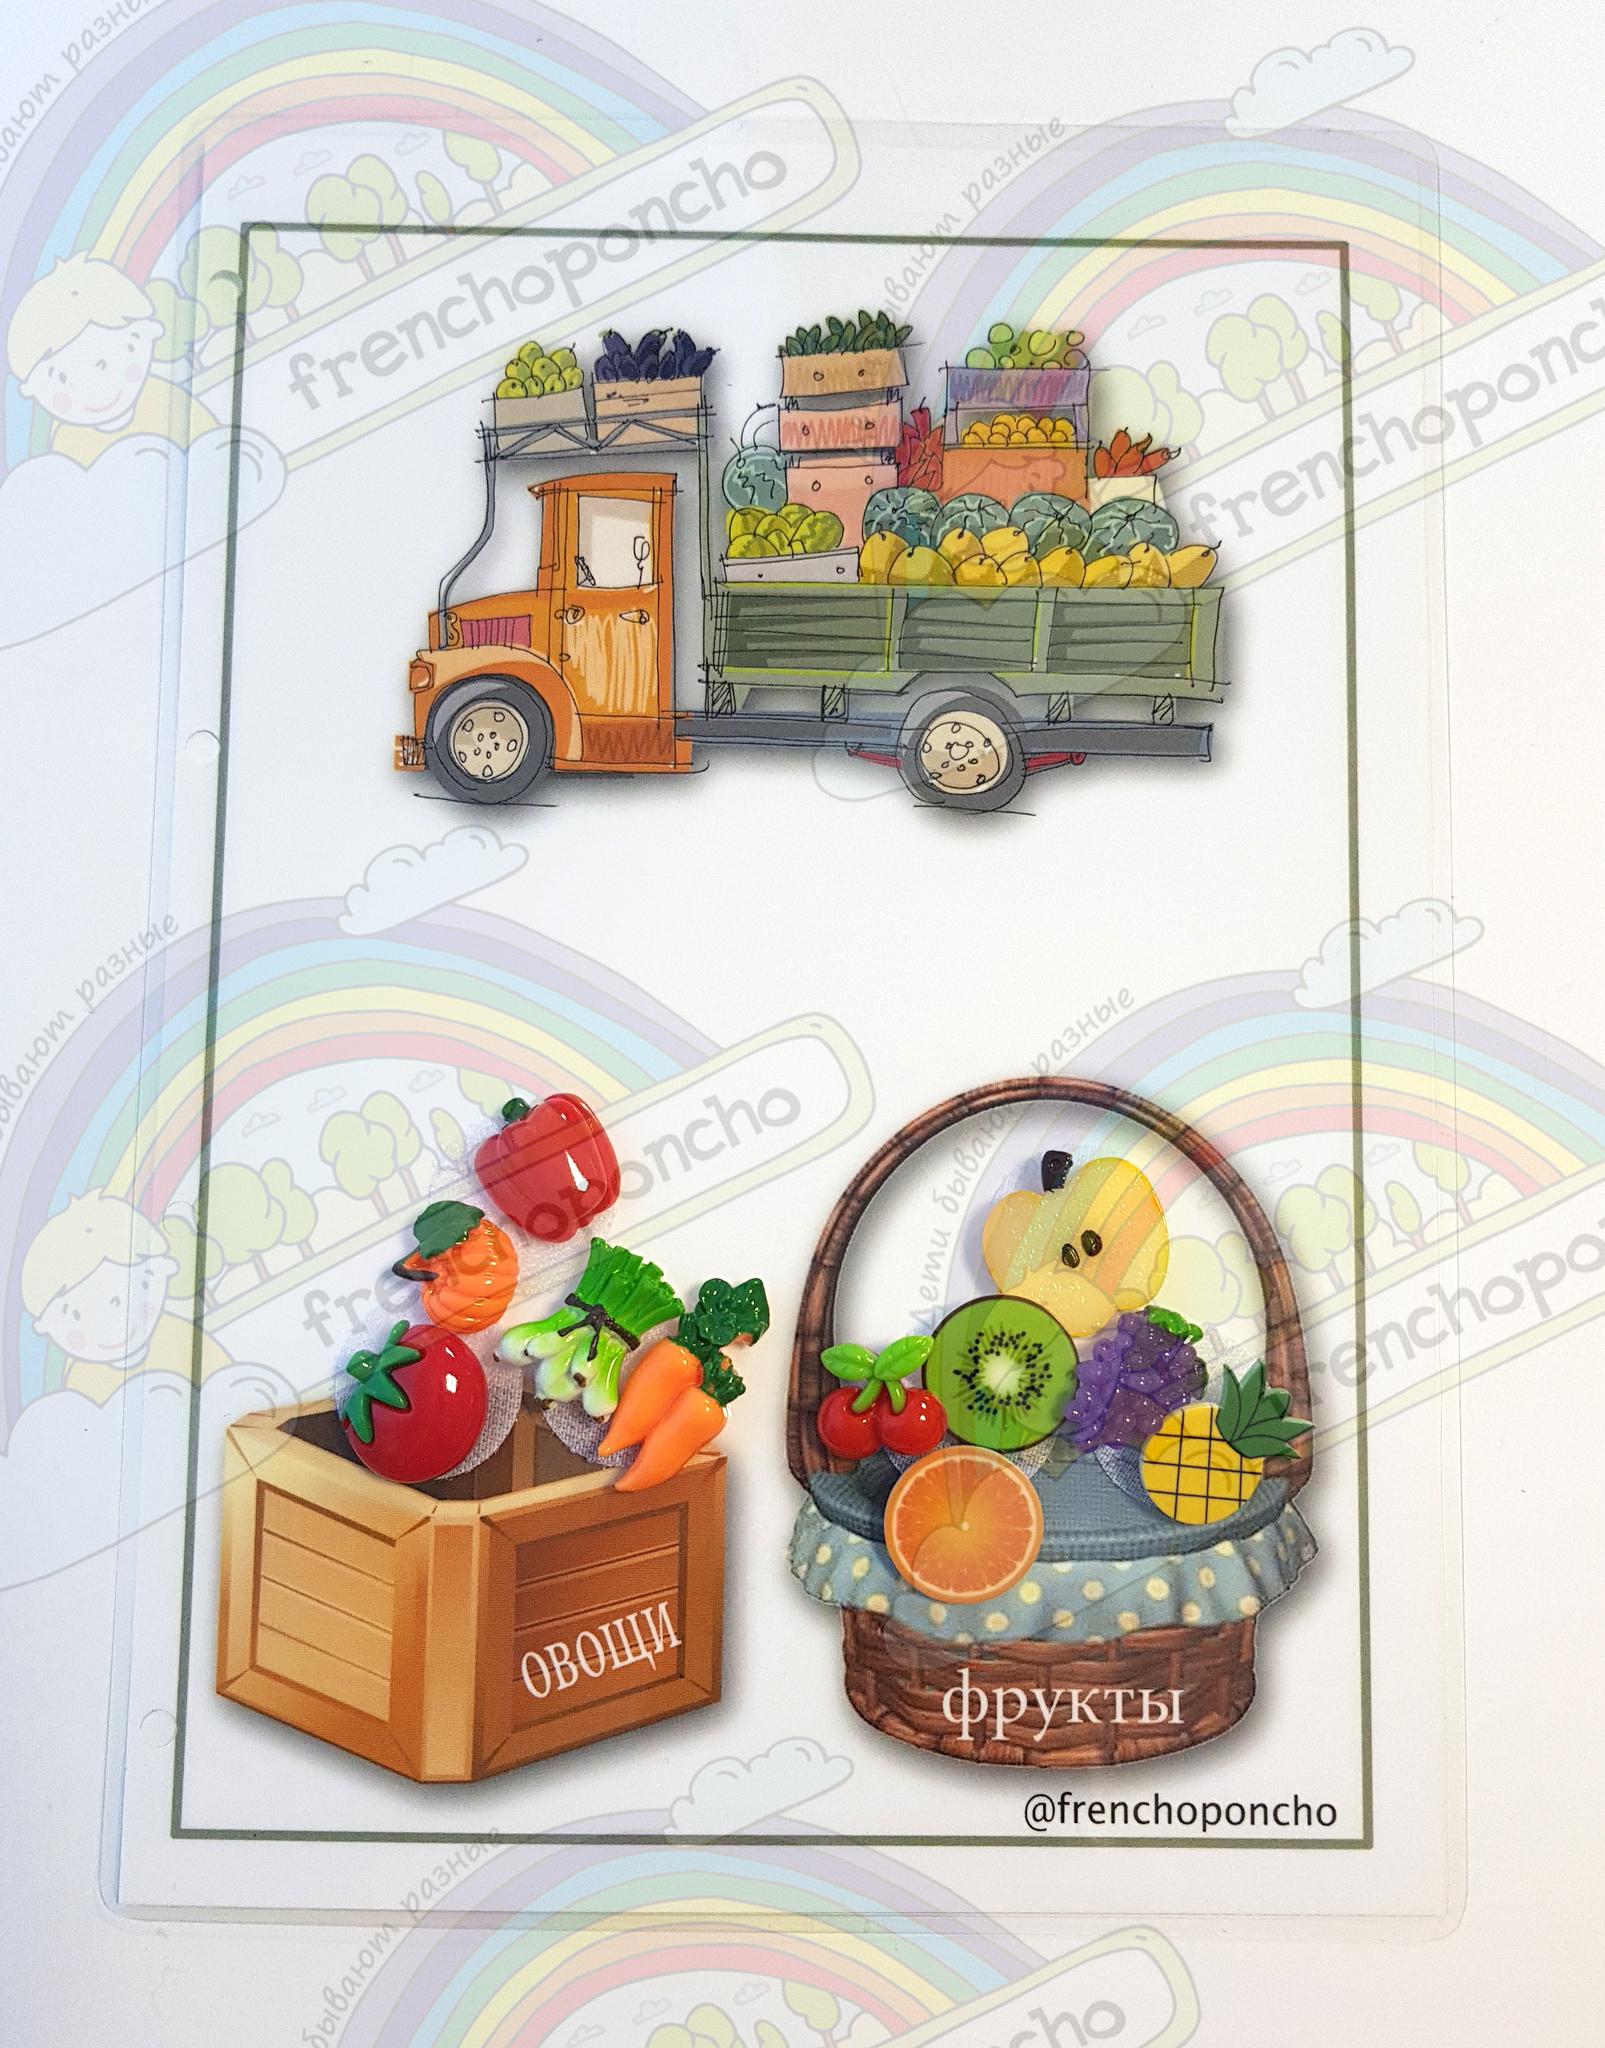 """Игра """"Грузовик везет фрукты и овощи"""" с объемными фигурками."""